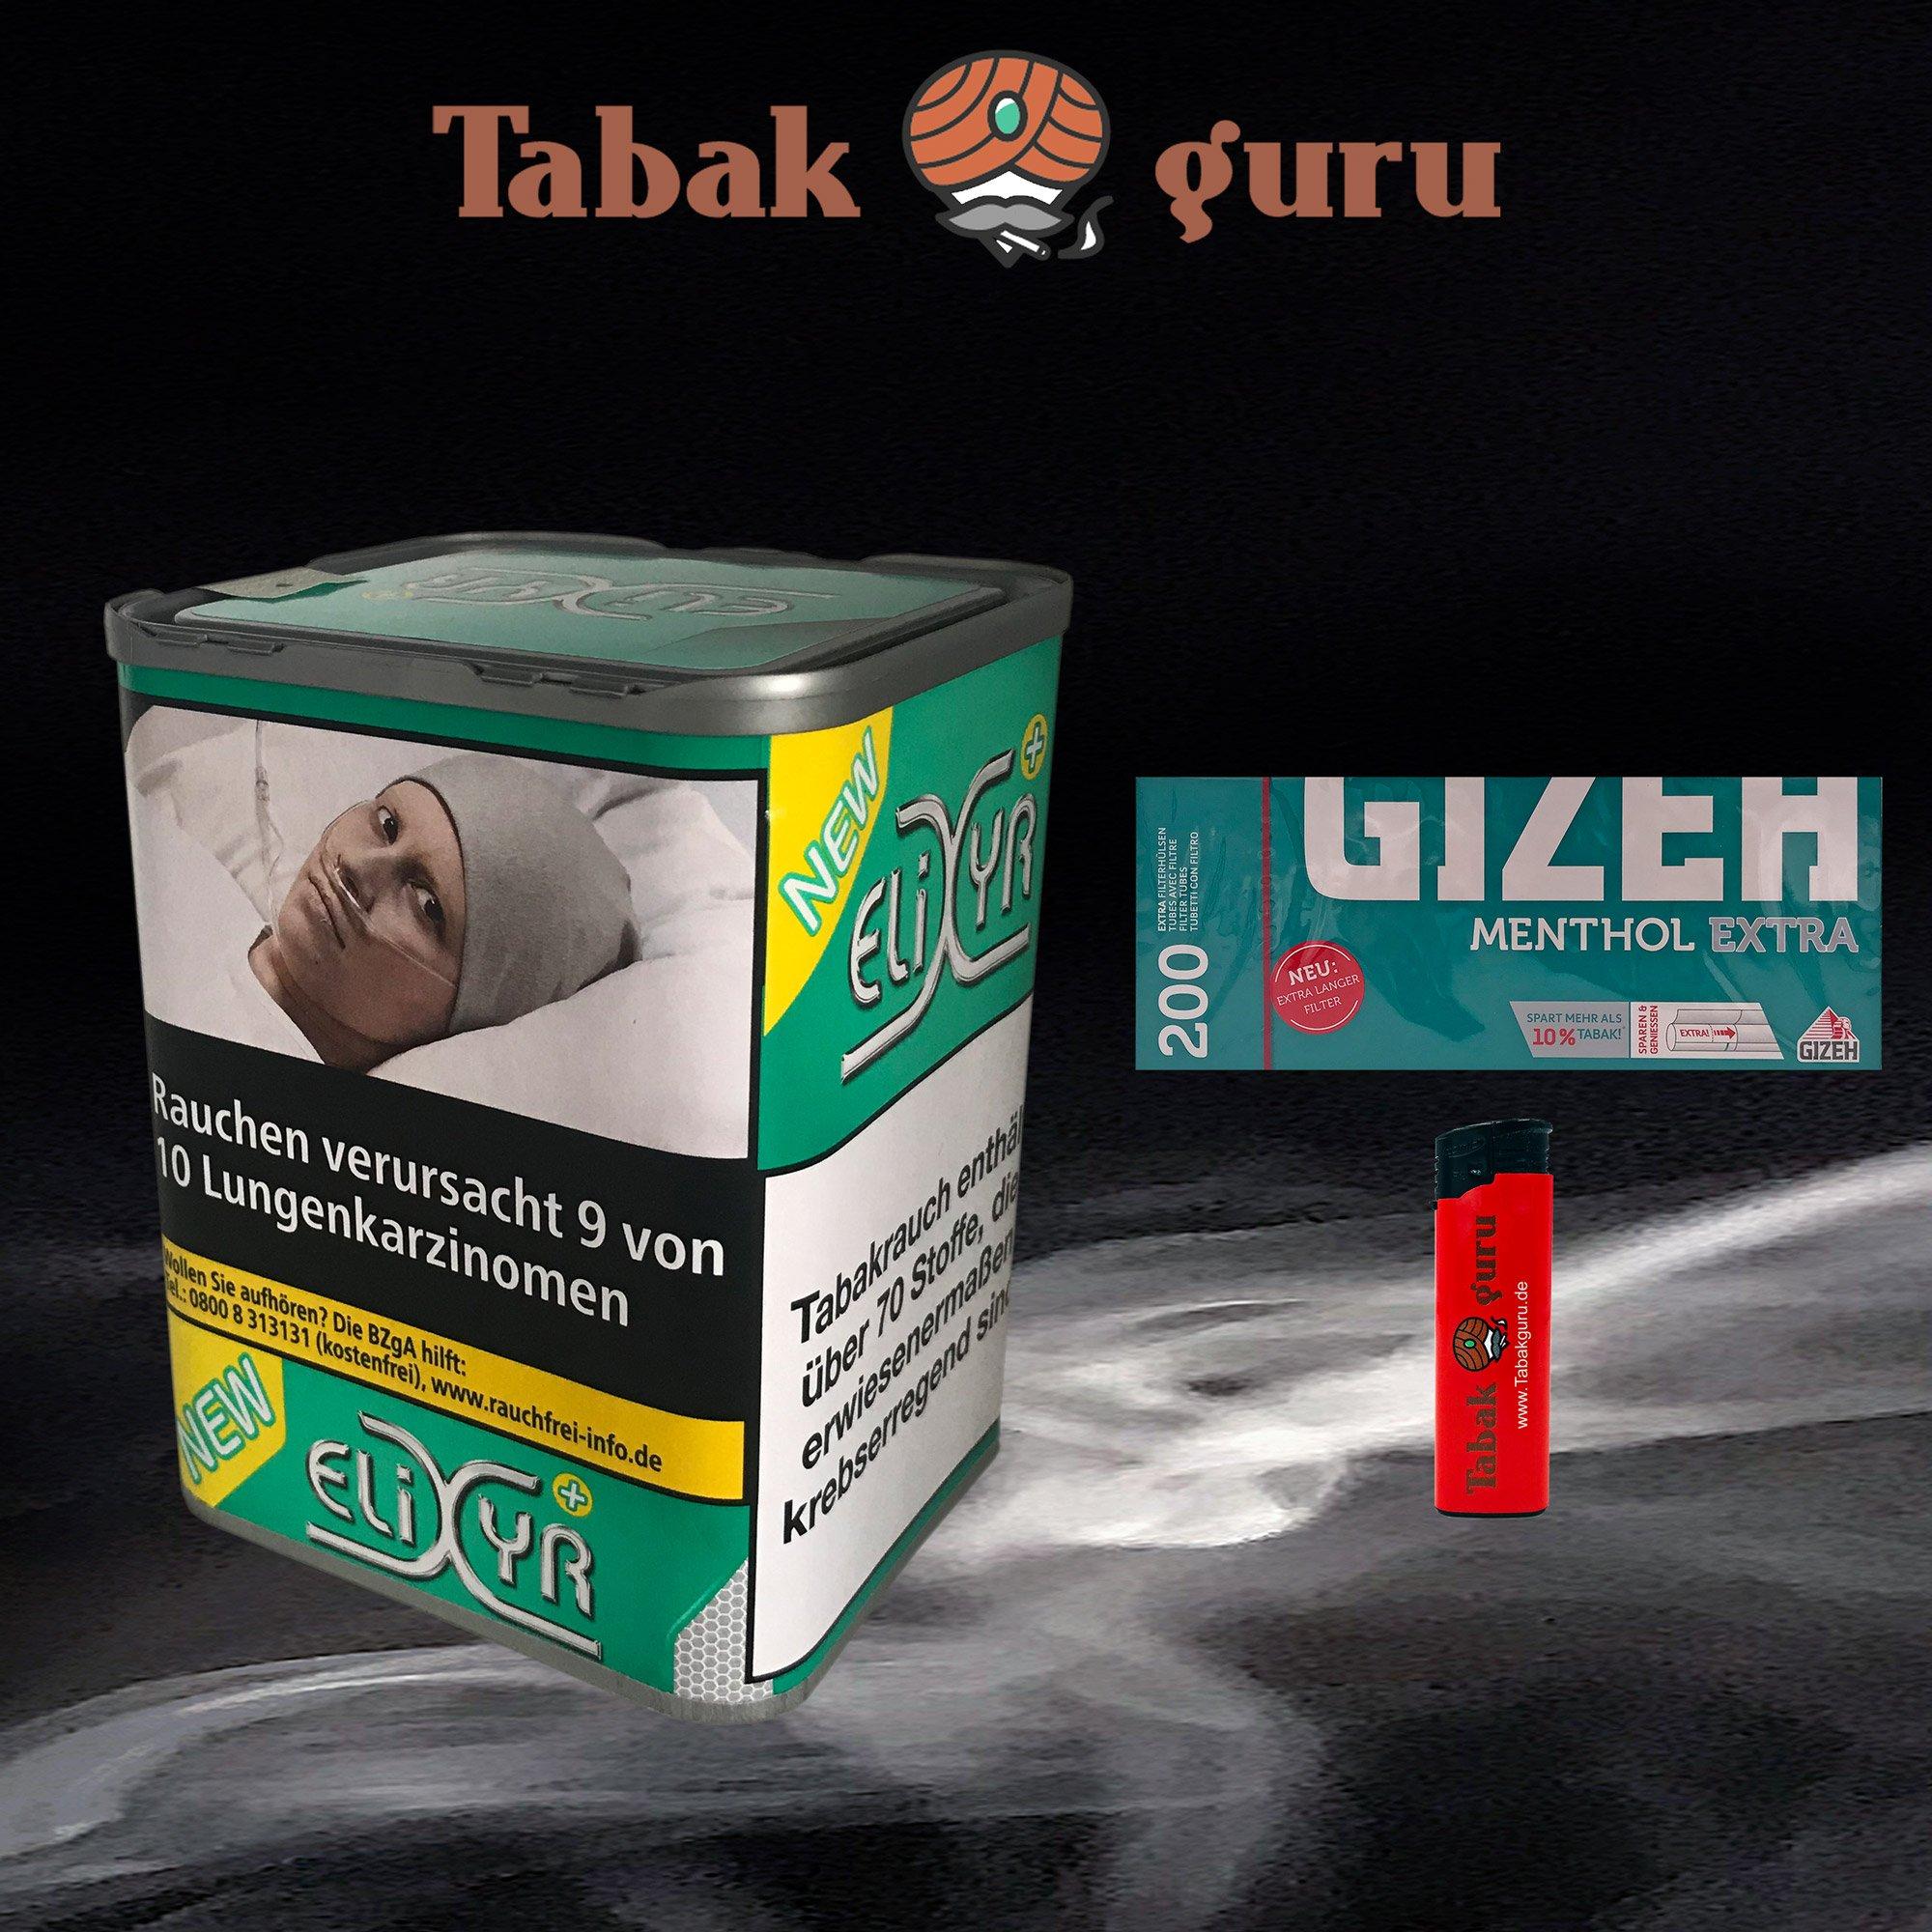 Elixyr PLUS Tabak 115g Zigarettentabak + Gizeh Menthol Extra Hülsen + Feuerzeug